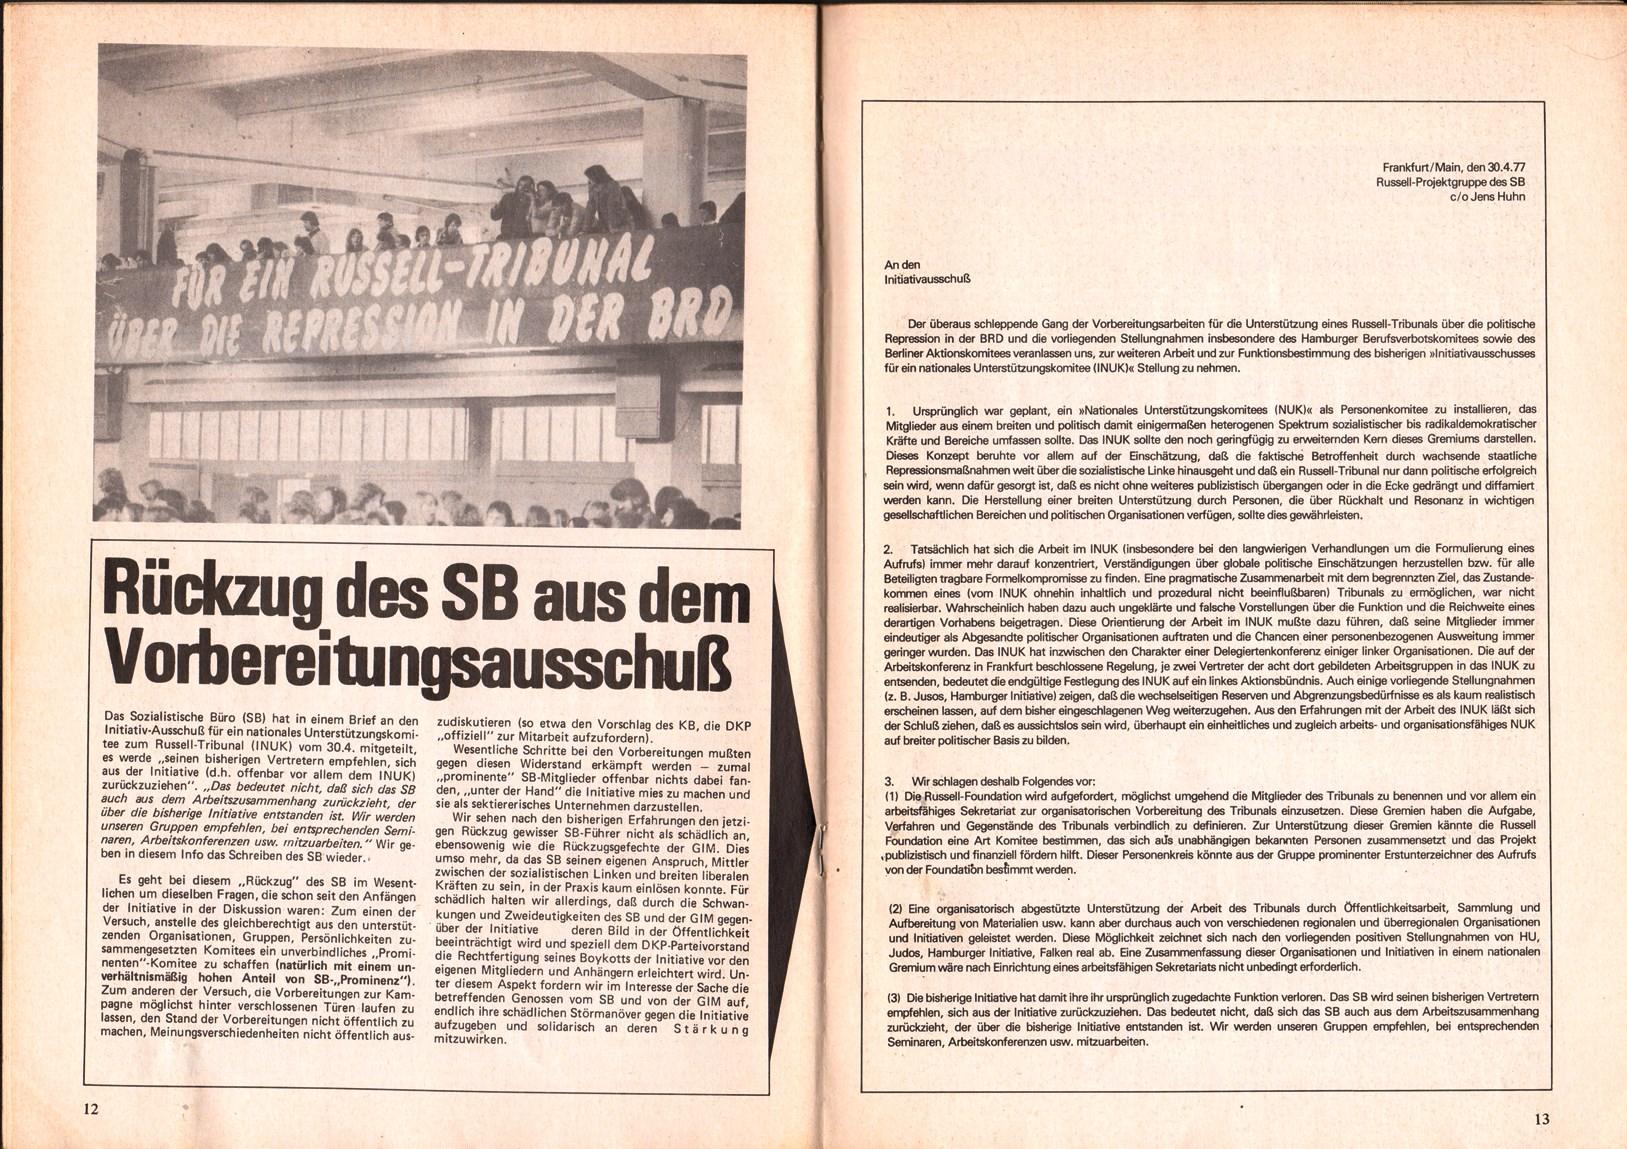 KB_Anti_Repressionsinfo_01_1977_07